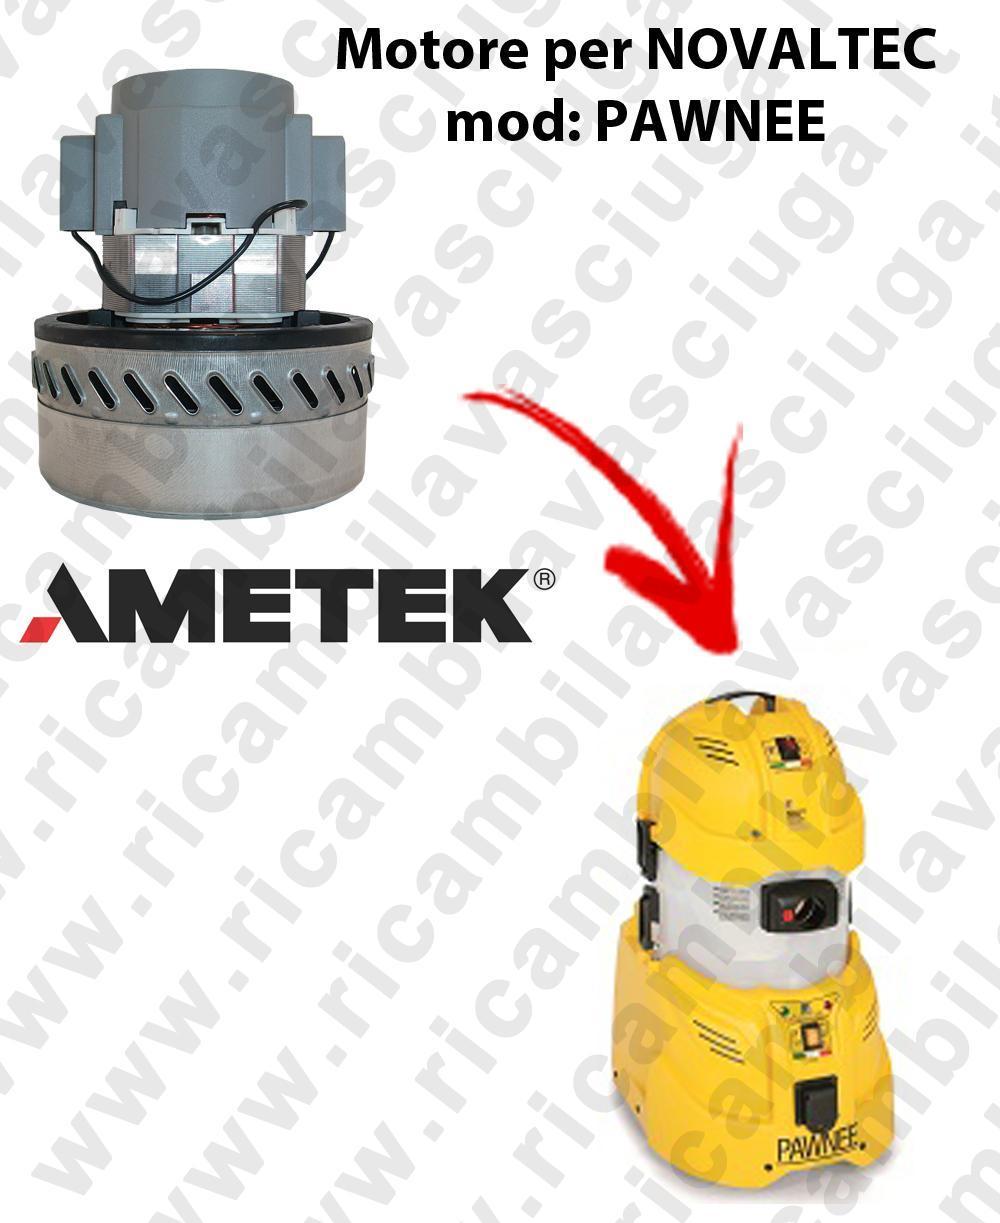 PAWNEE Ametek Vacuum Motor for vacuum cleaner NOVALTEC